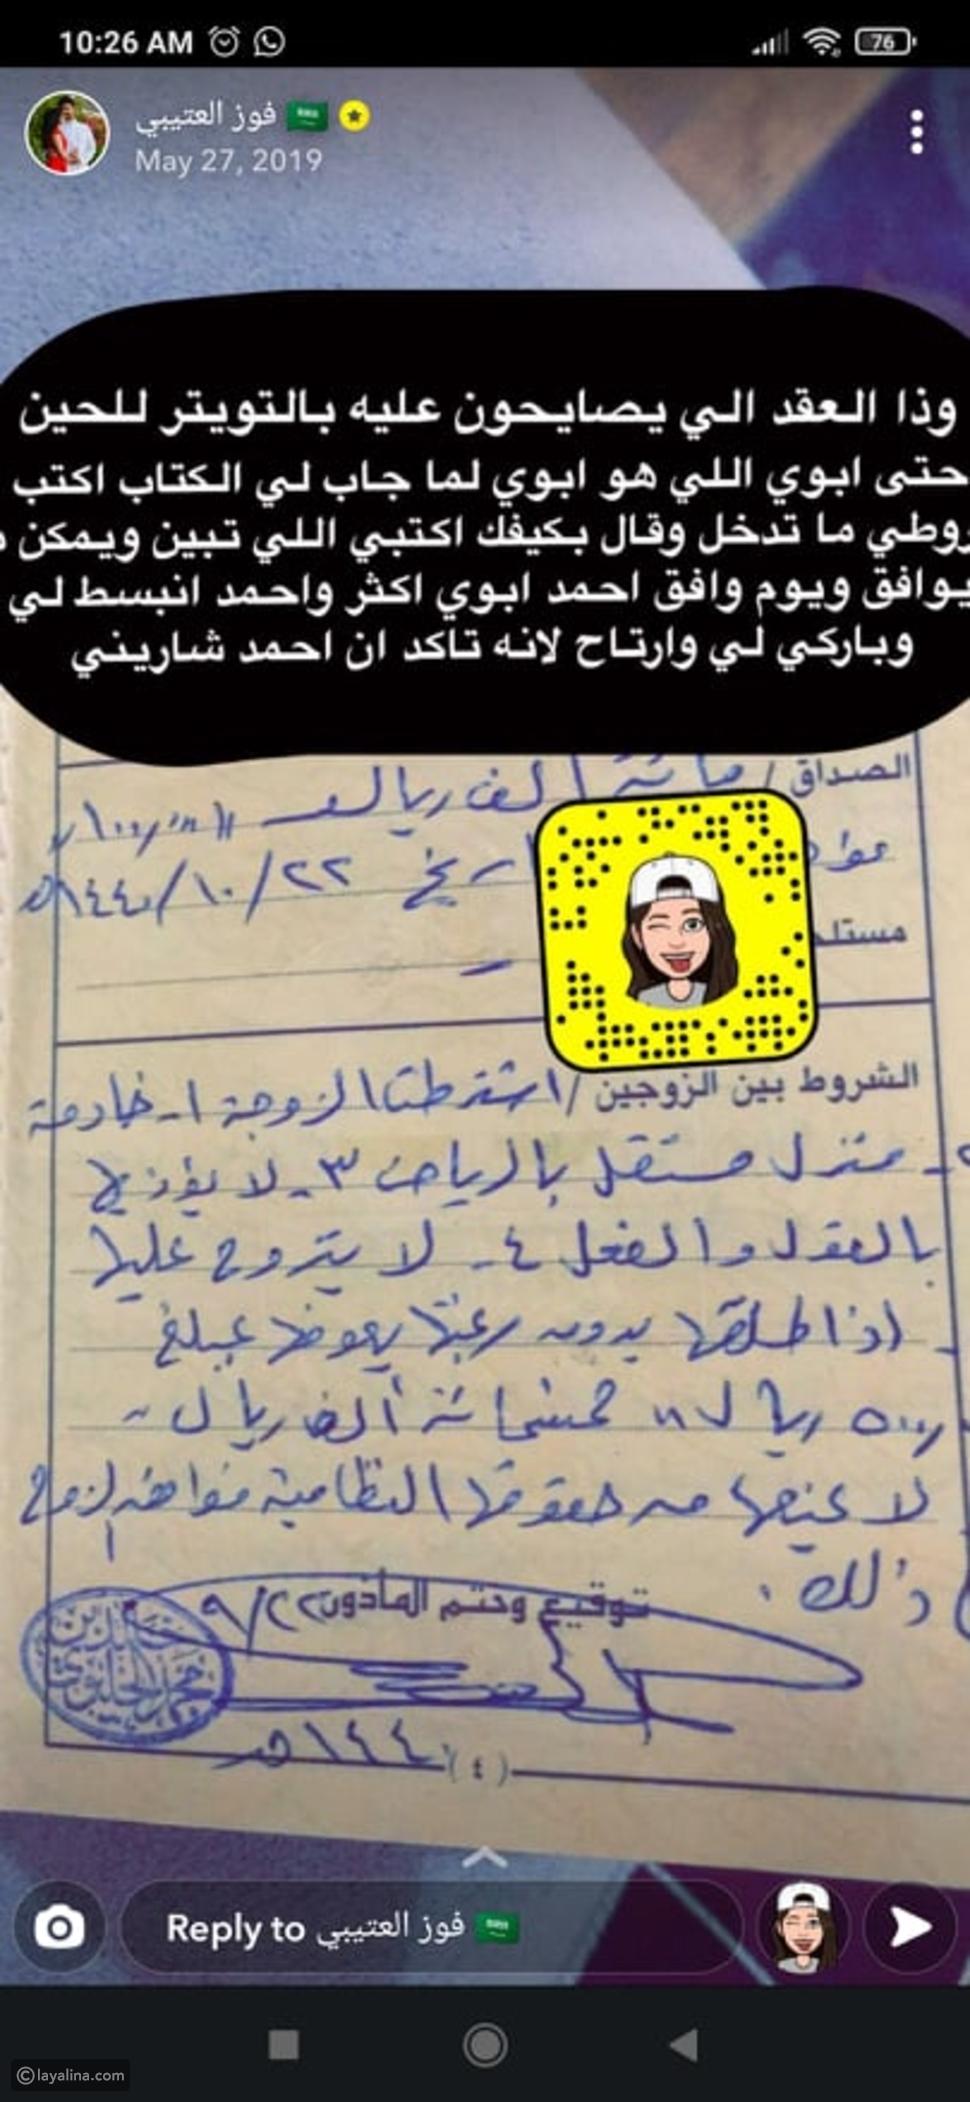 فوز العتيبي تكشف لأول مرة كيف تعرفت على زوجها وتوجه نصيحة لمتابعيها